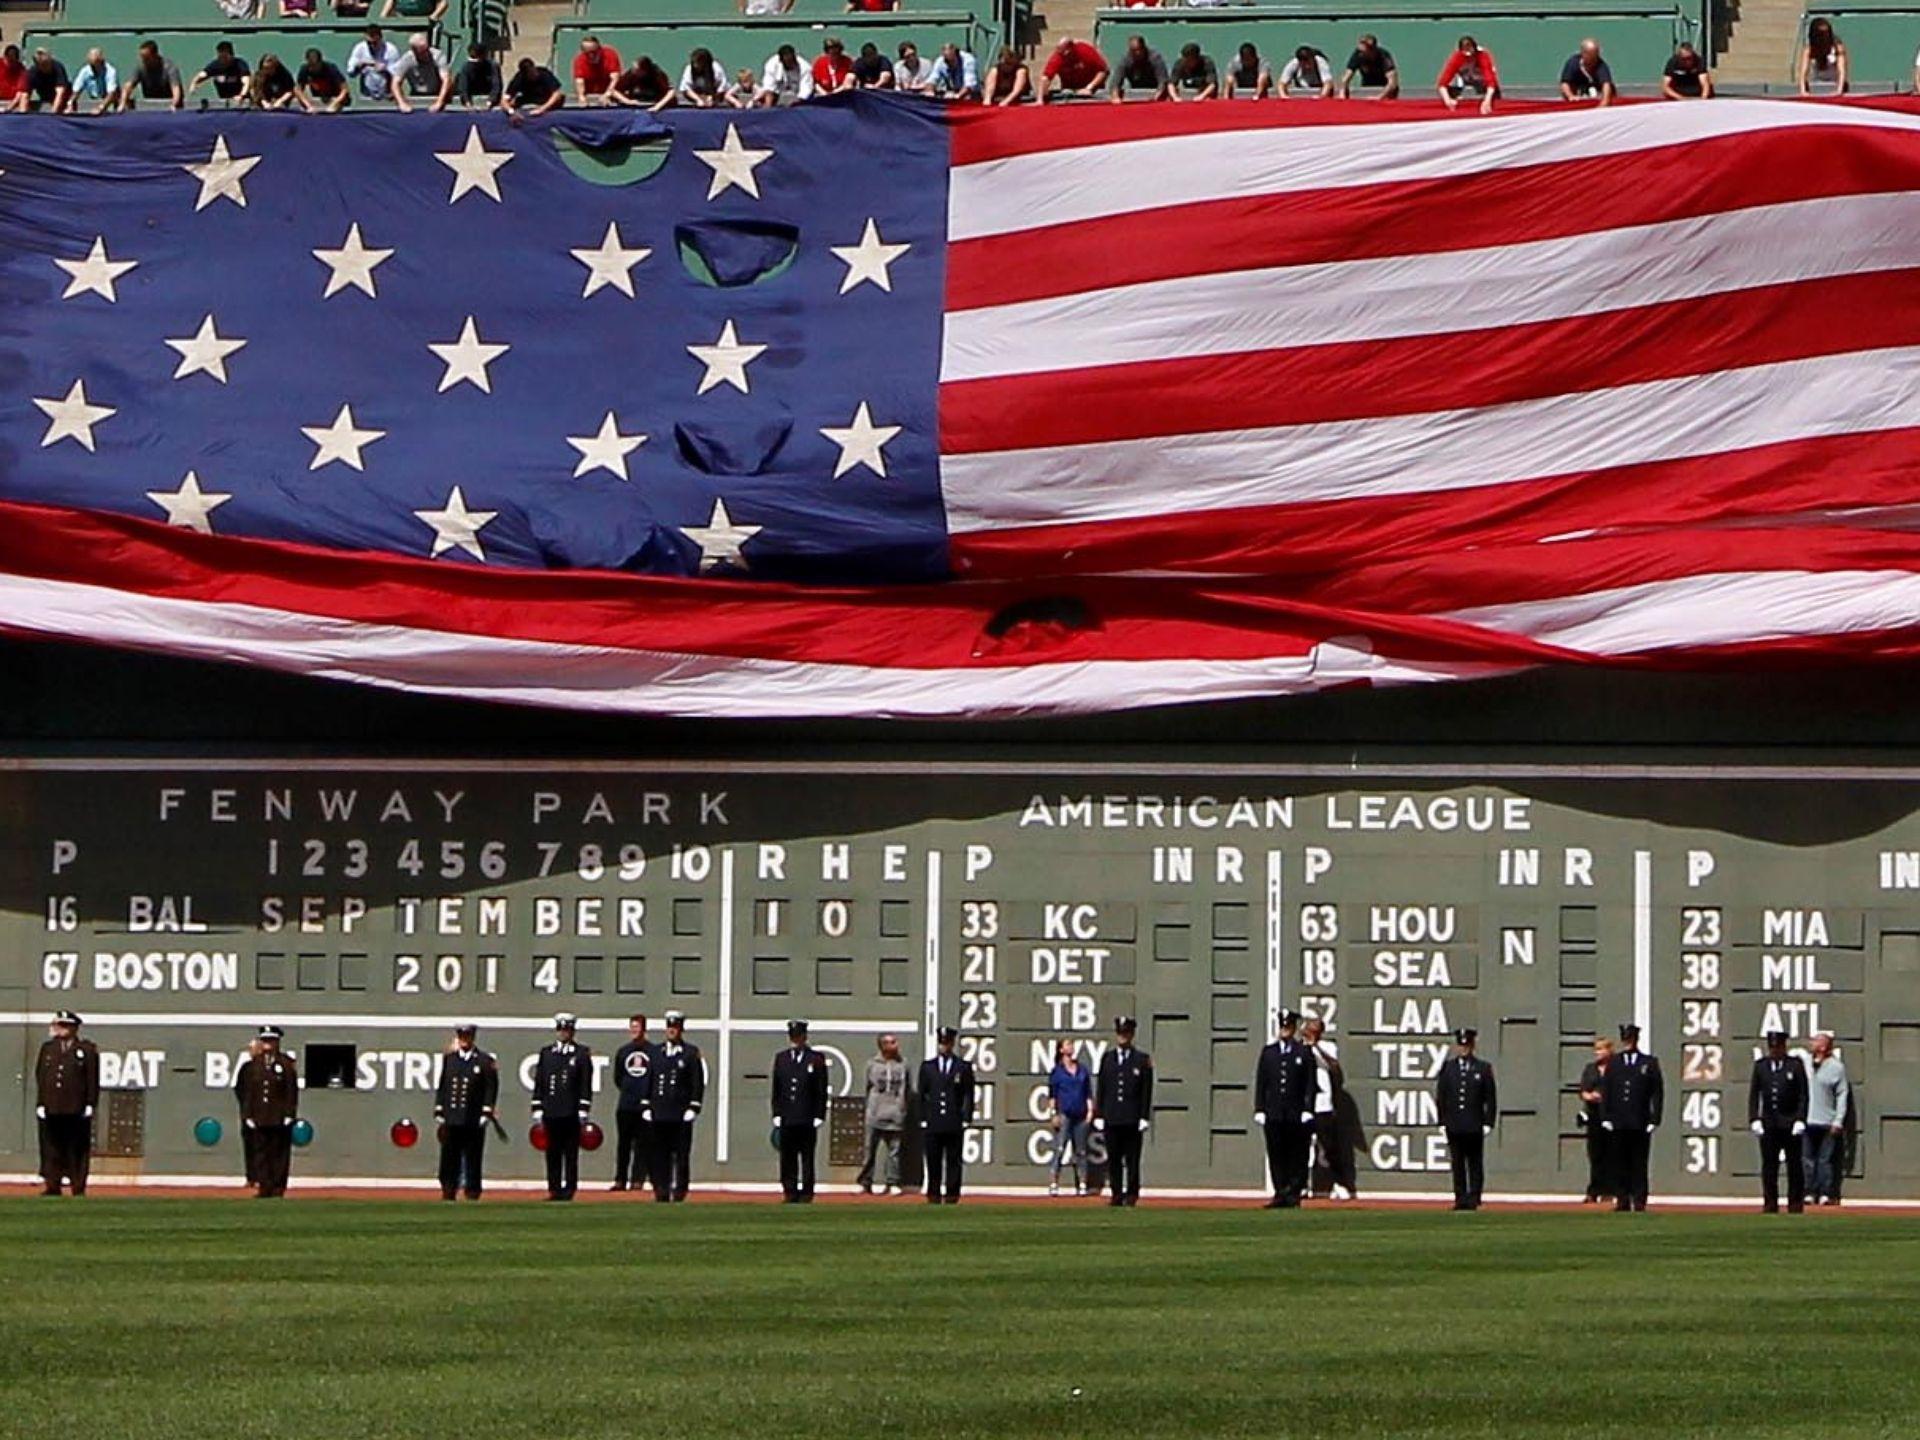 事件13周年.一面巨大的美国国旗悬挂在观众席上.-13年前的记忆